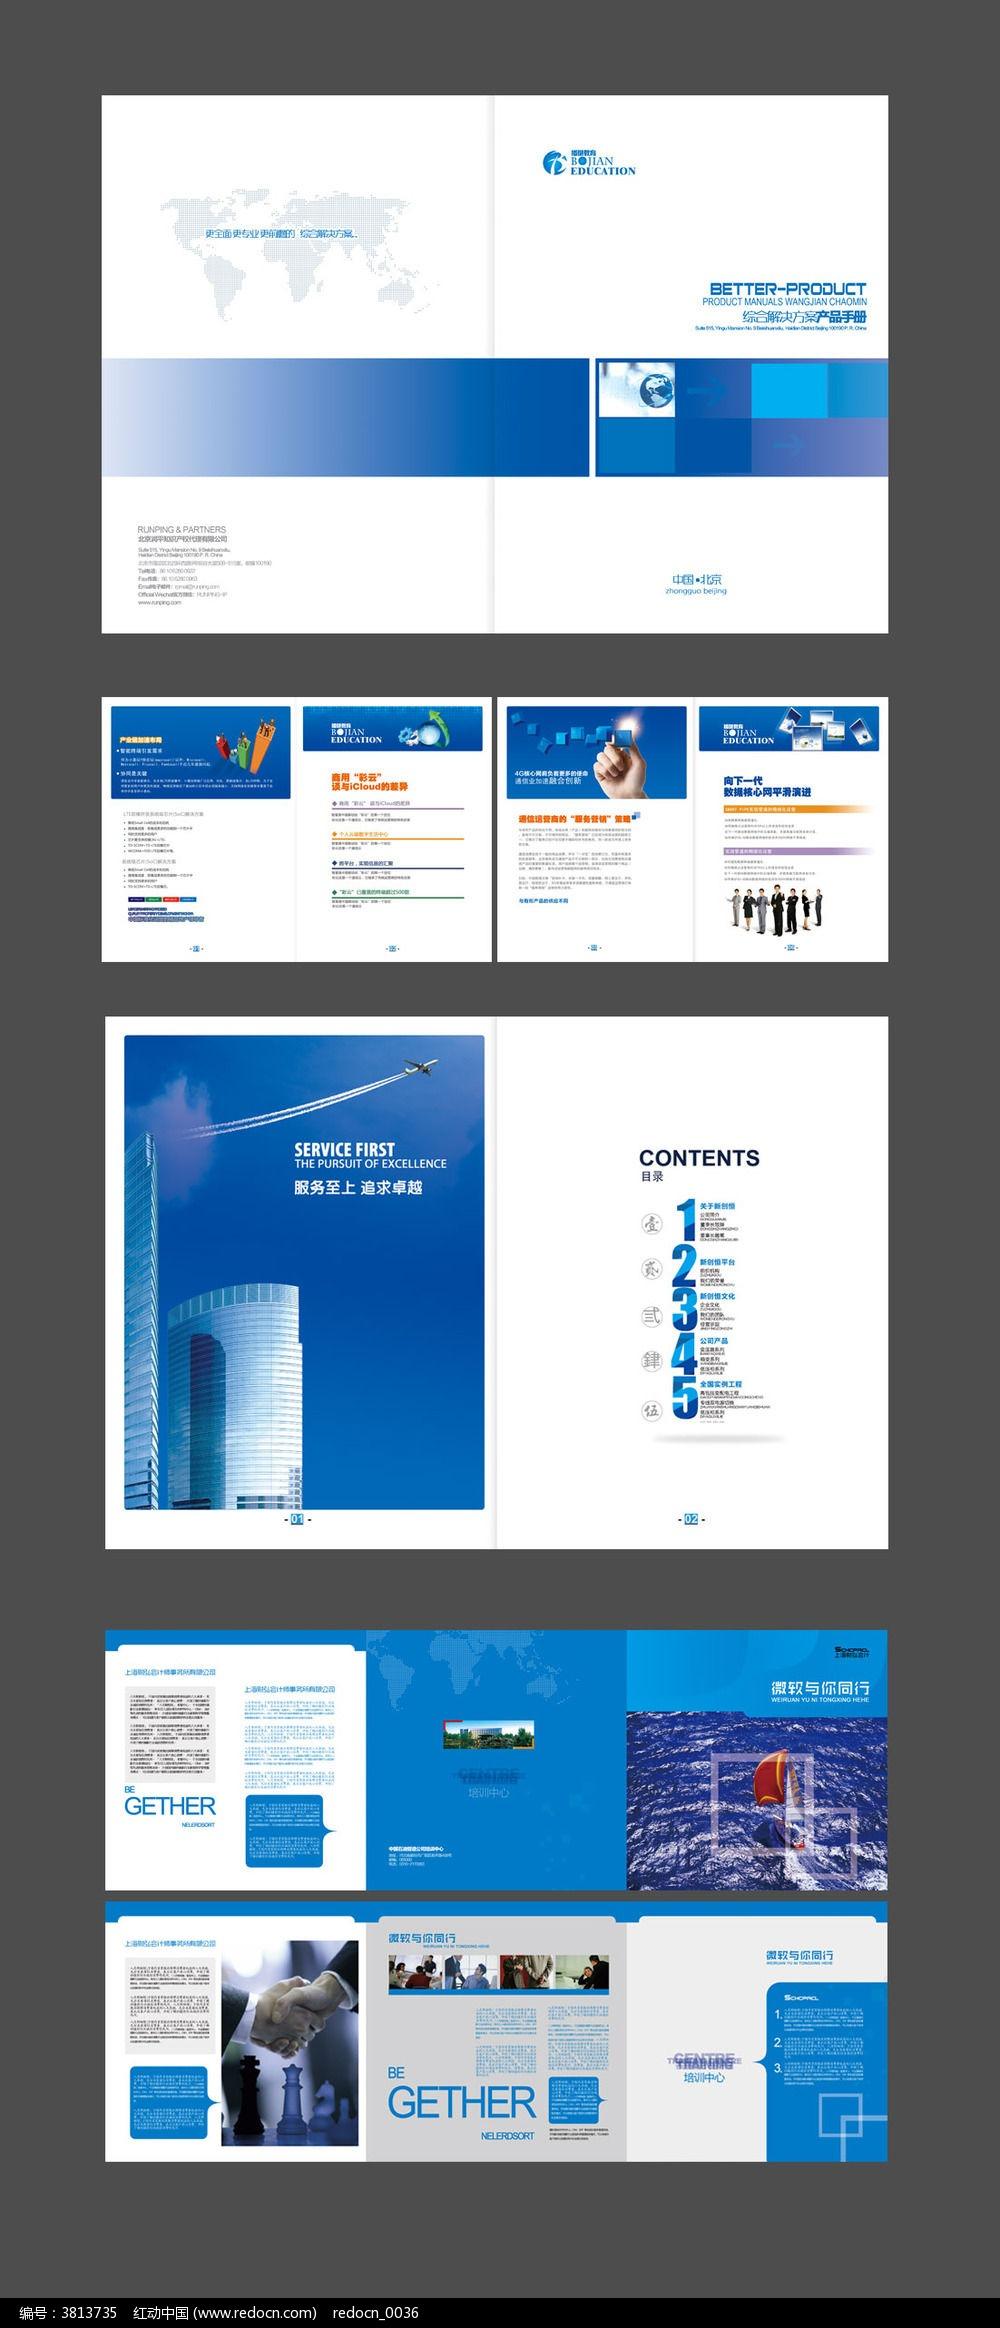 原创设计稿 画册设计/书籍/菜谱 企业画册|宣传画册 科技宣传册模板图片